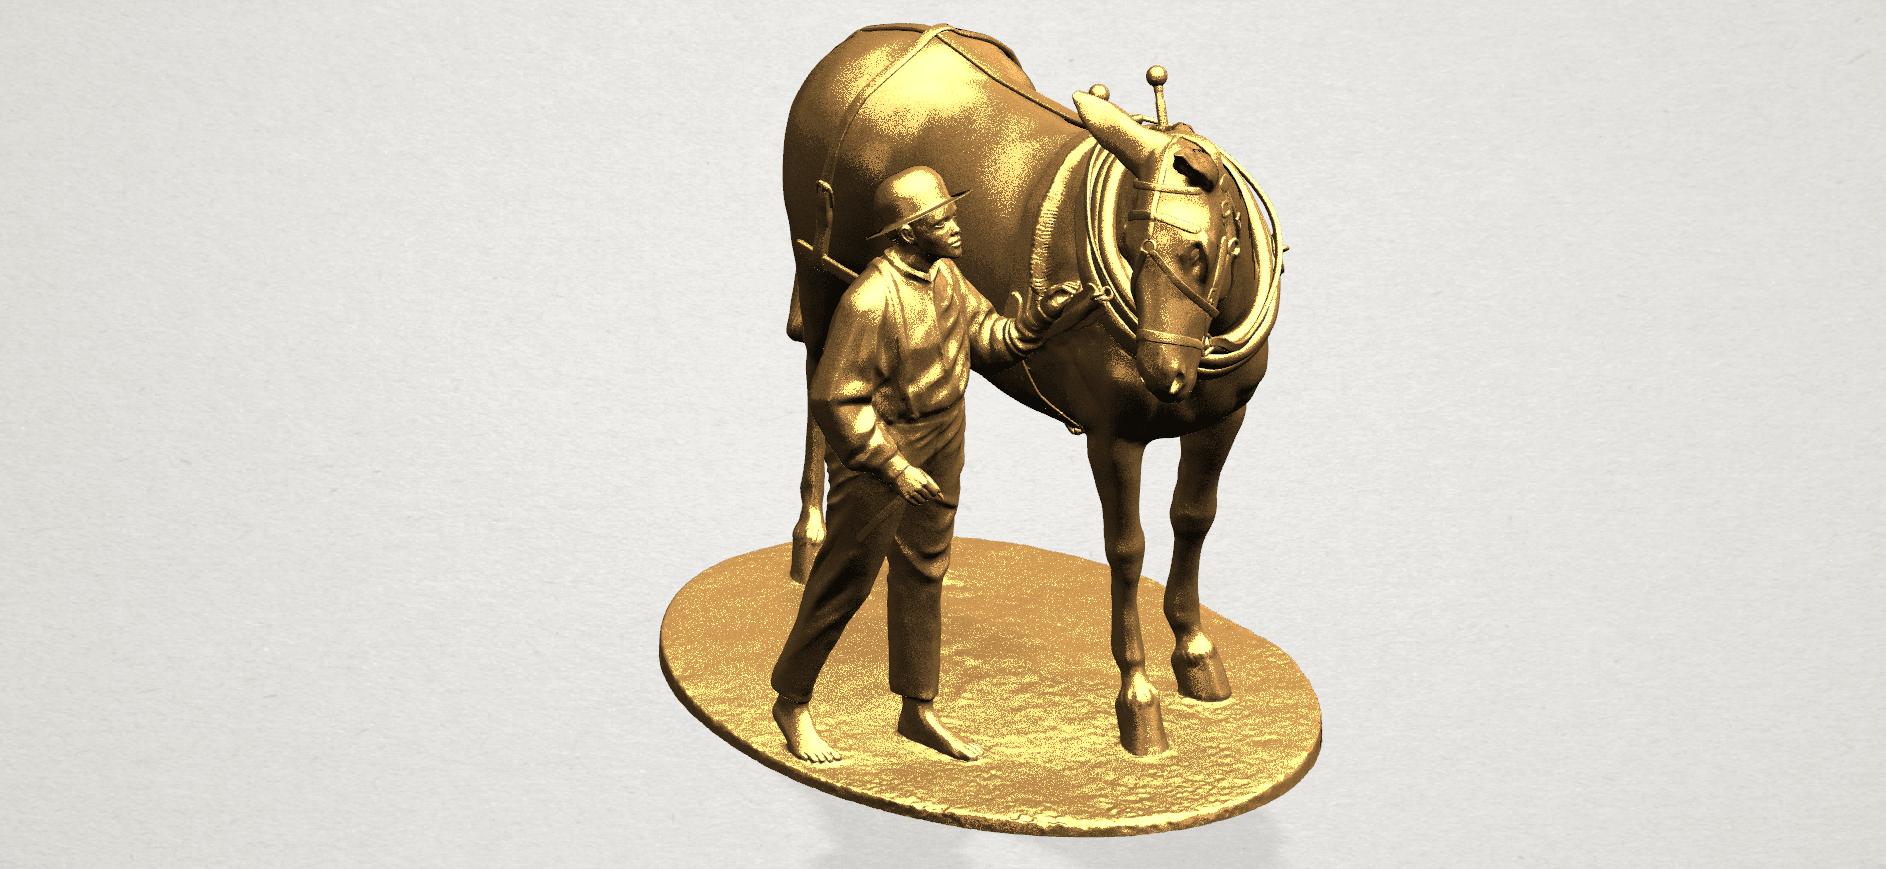 Horse with Man (i) - A11.png Télécharger fichier STL gratuit Cheval avec Man 01 • Objet à imprimer en 3D, GeorgesNikkei